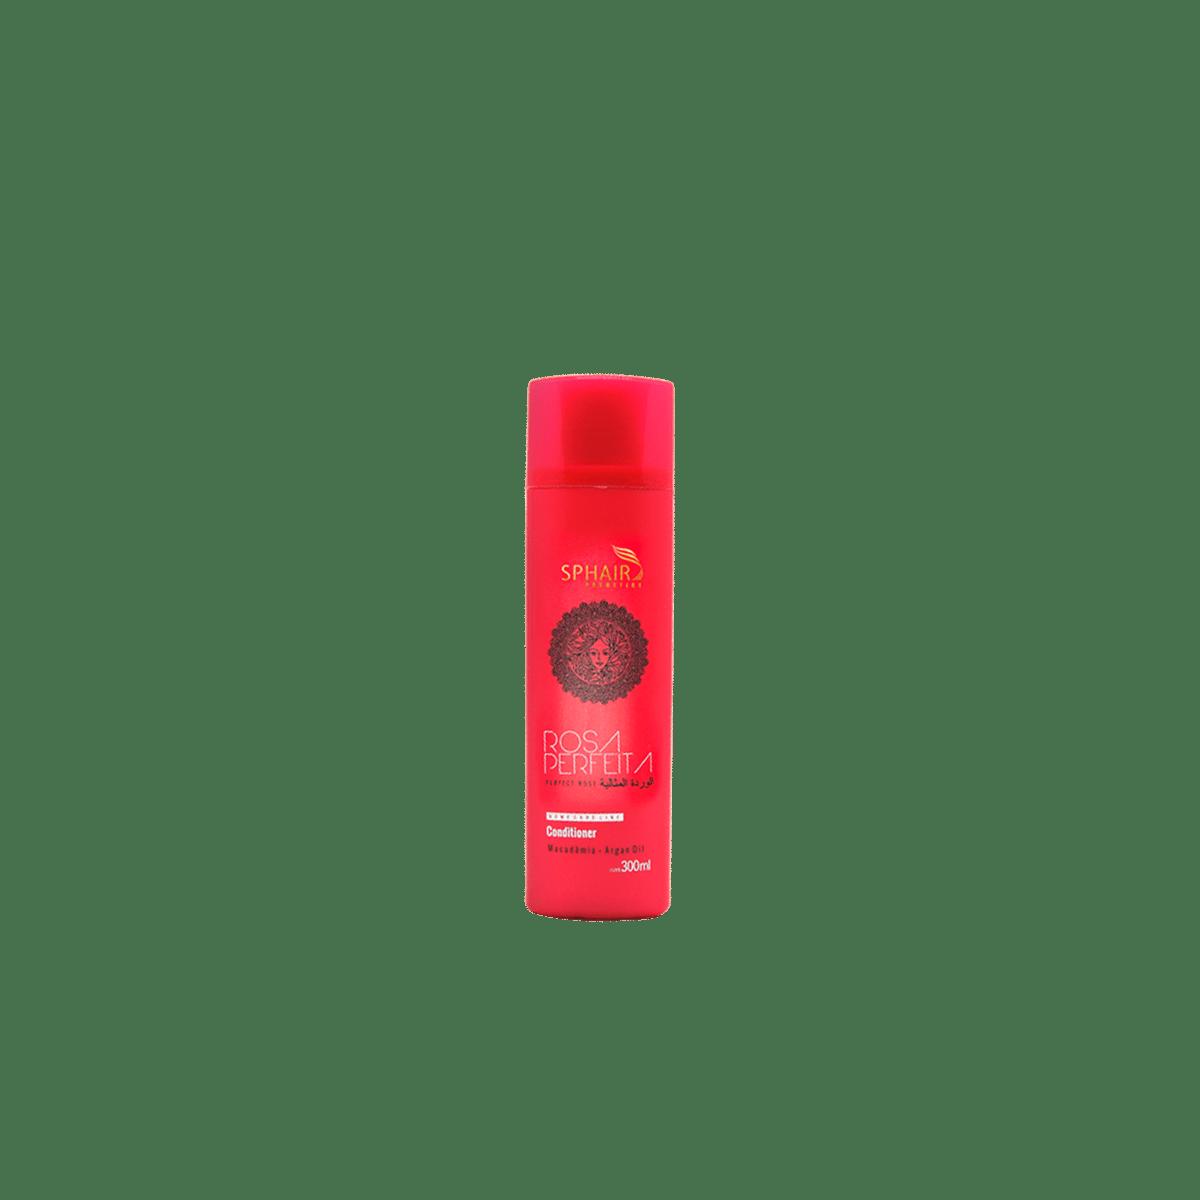 Rosa Perfeita Condicionador